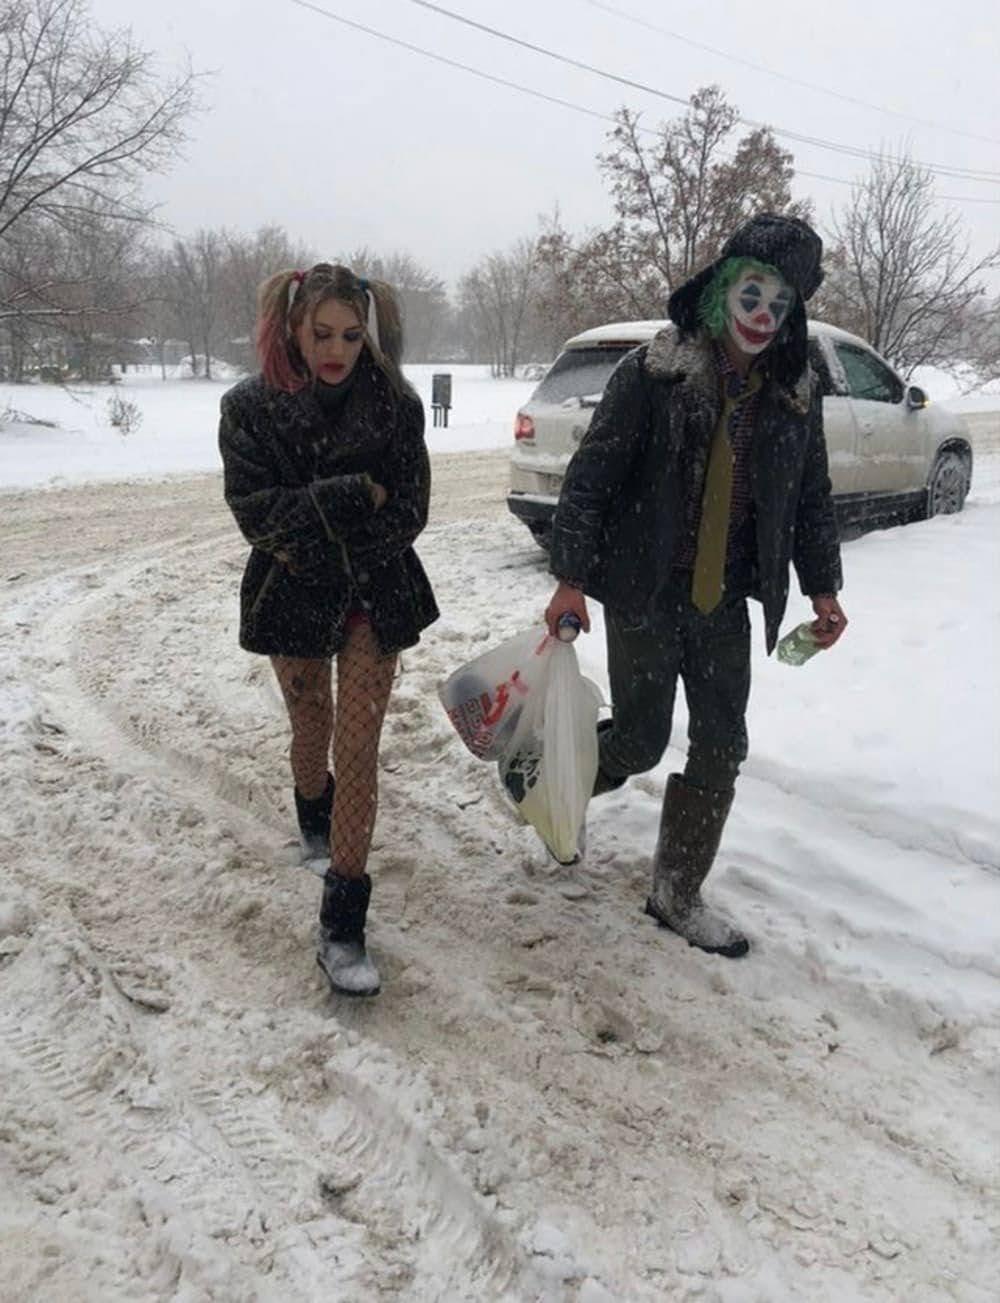 Joker and Harley Quinn : とても寒い雪の中⛄を買い出しに出かけていたハーレー・クインとジョーカーのカップル💝